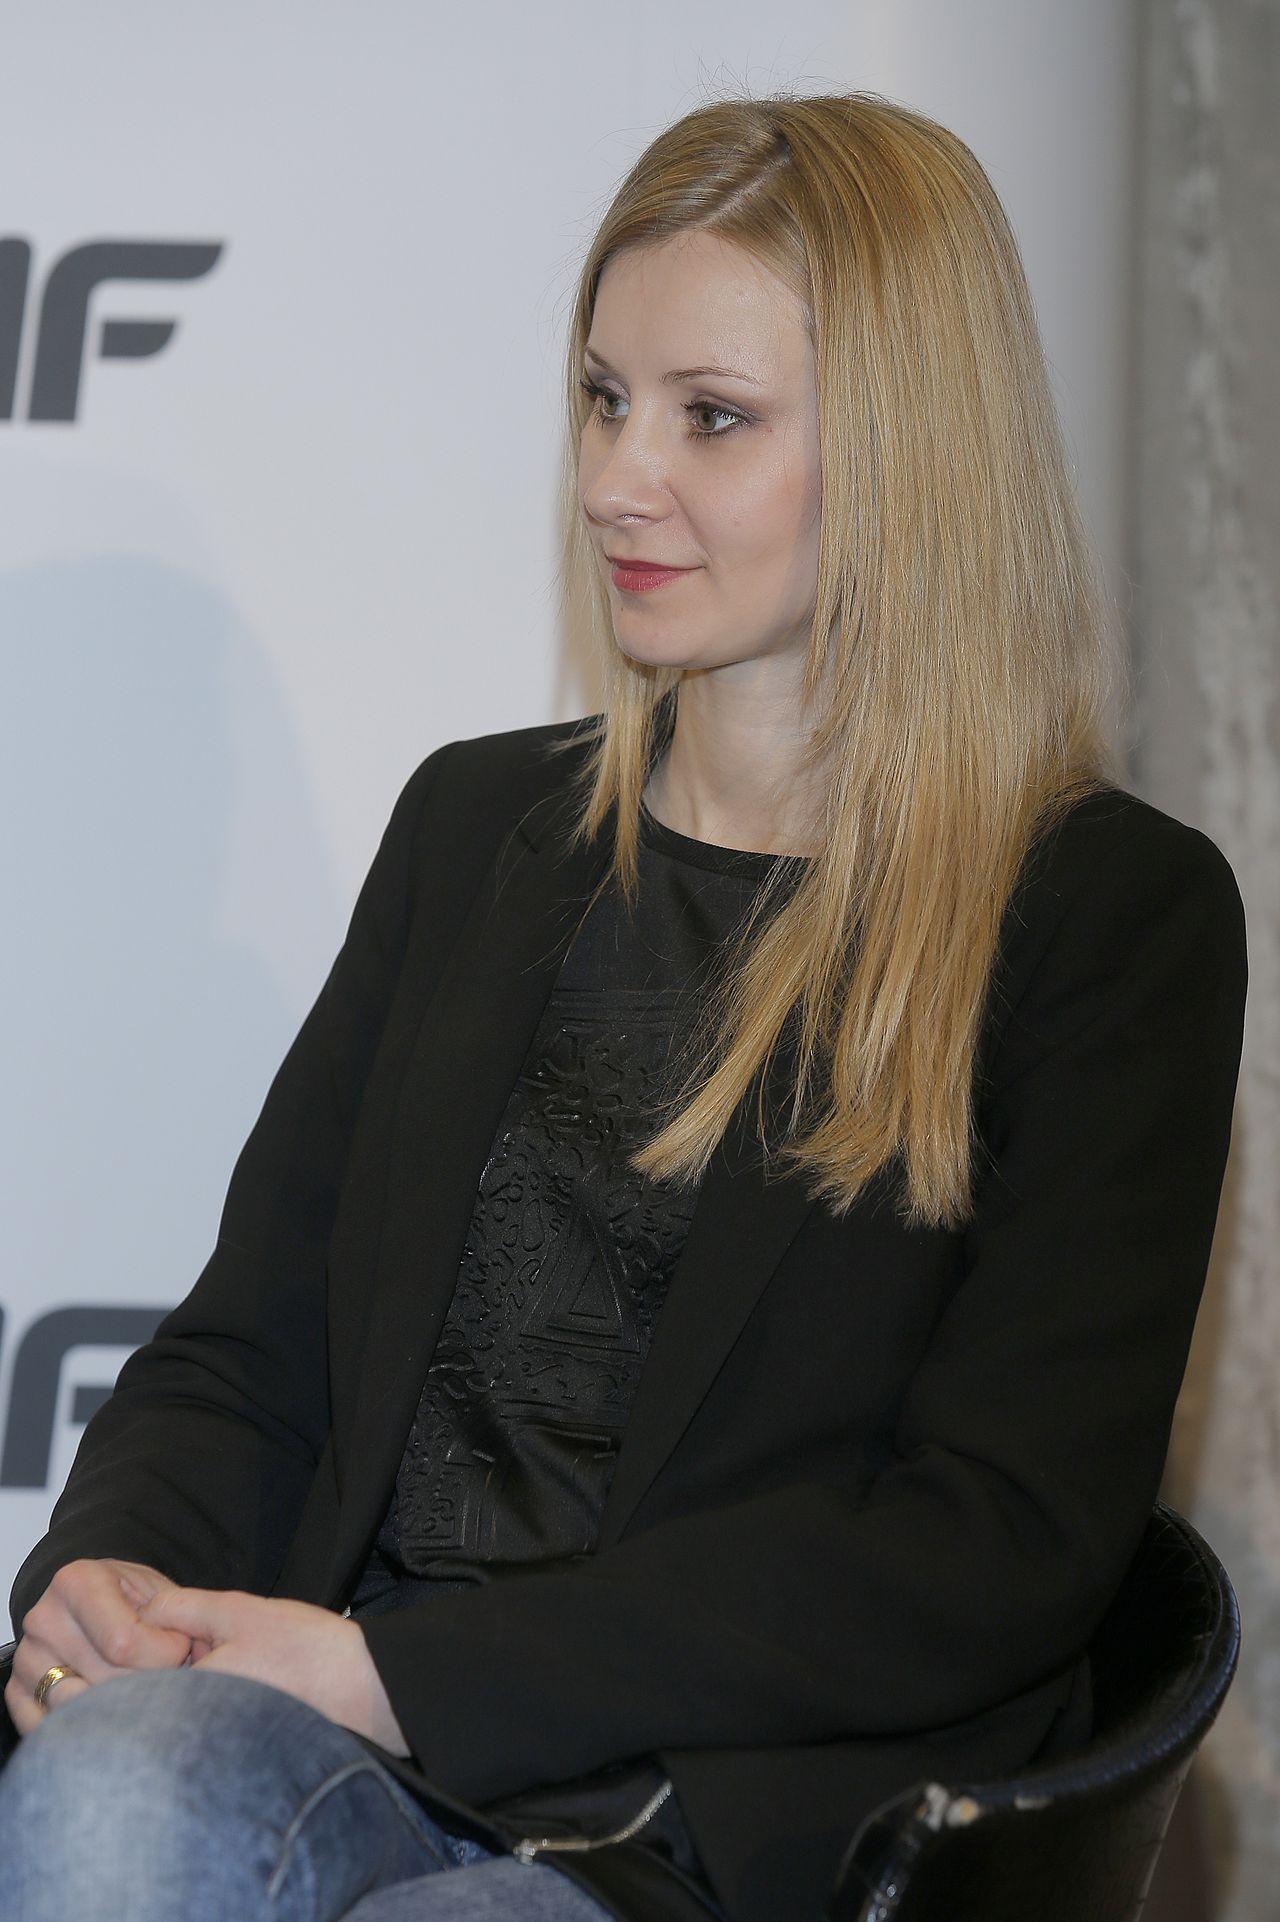 Żona Kamila-Stocha, Ewa Bilan-Stoch u boku męża i na imprezach